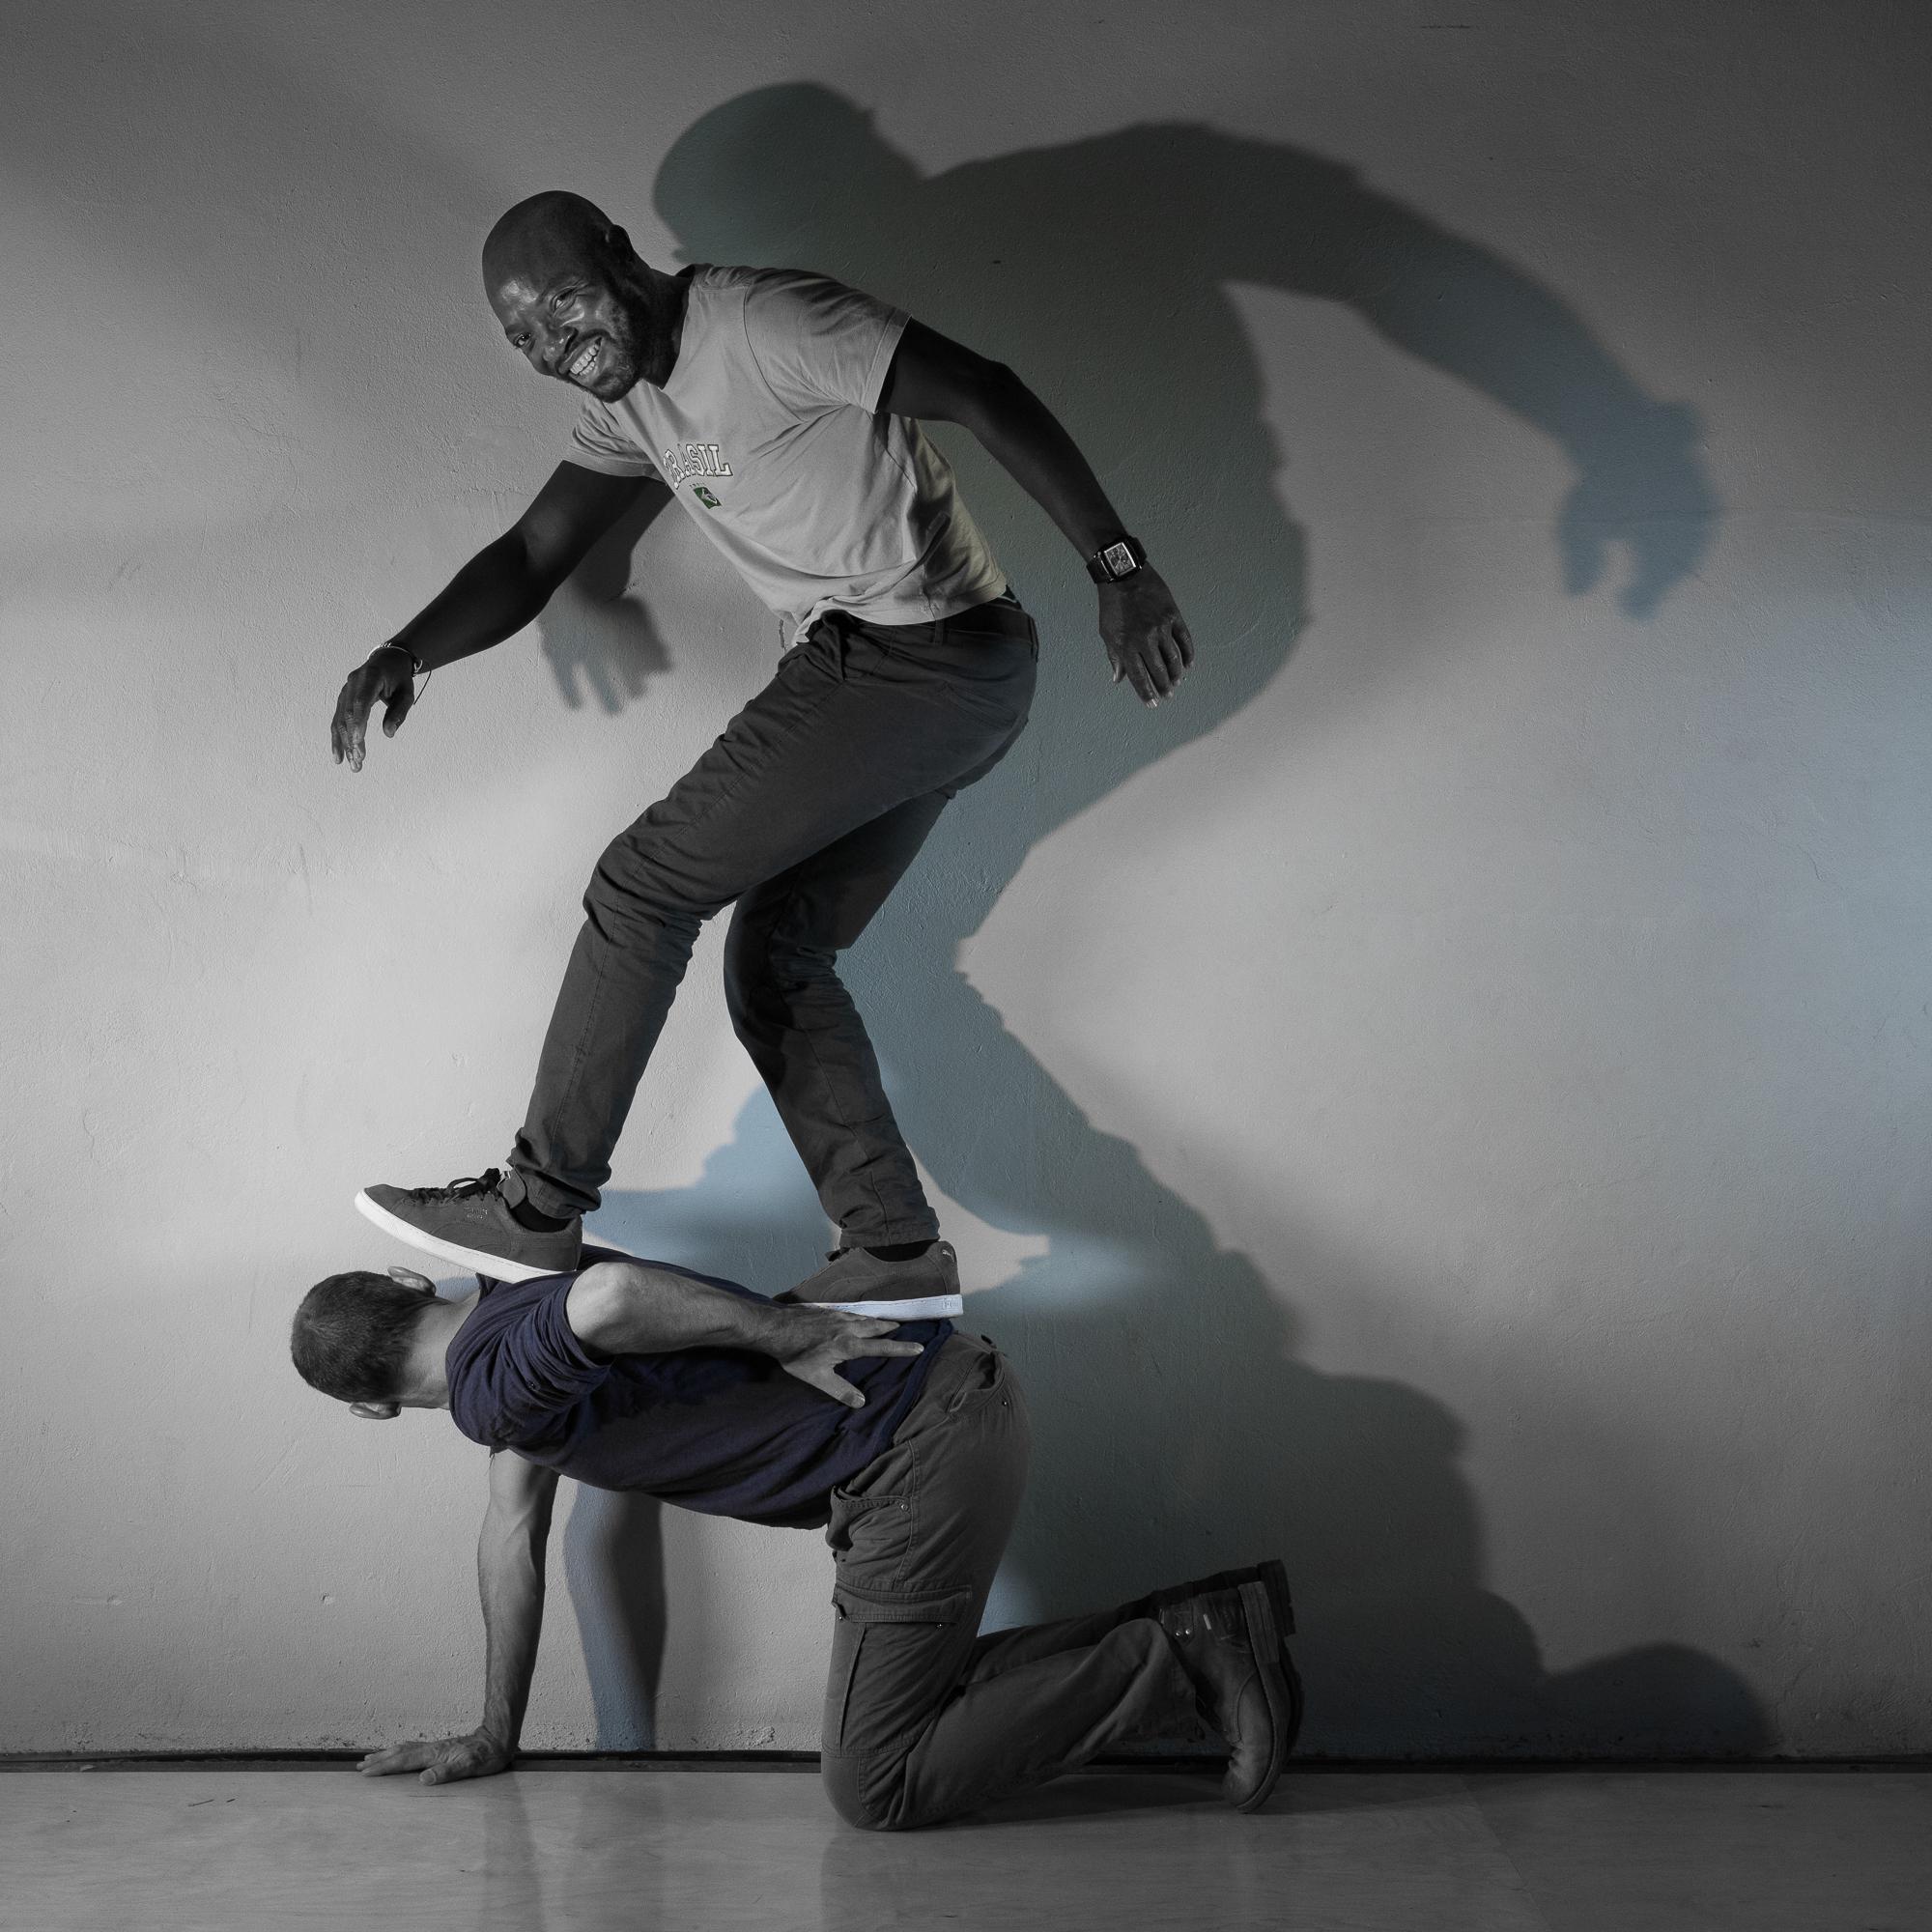 25 ans - Skate